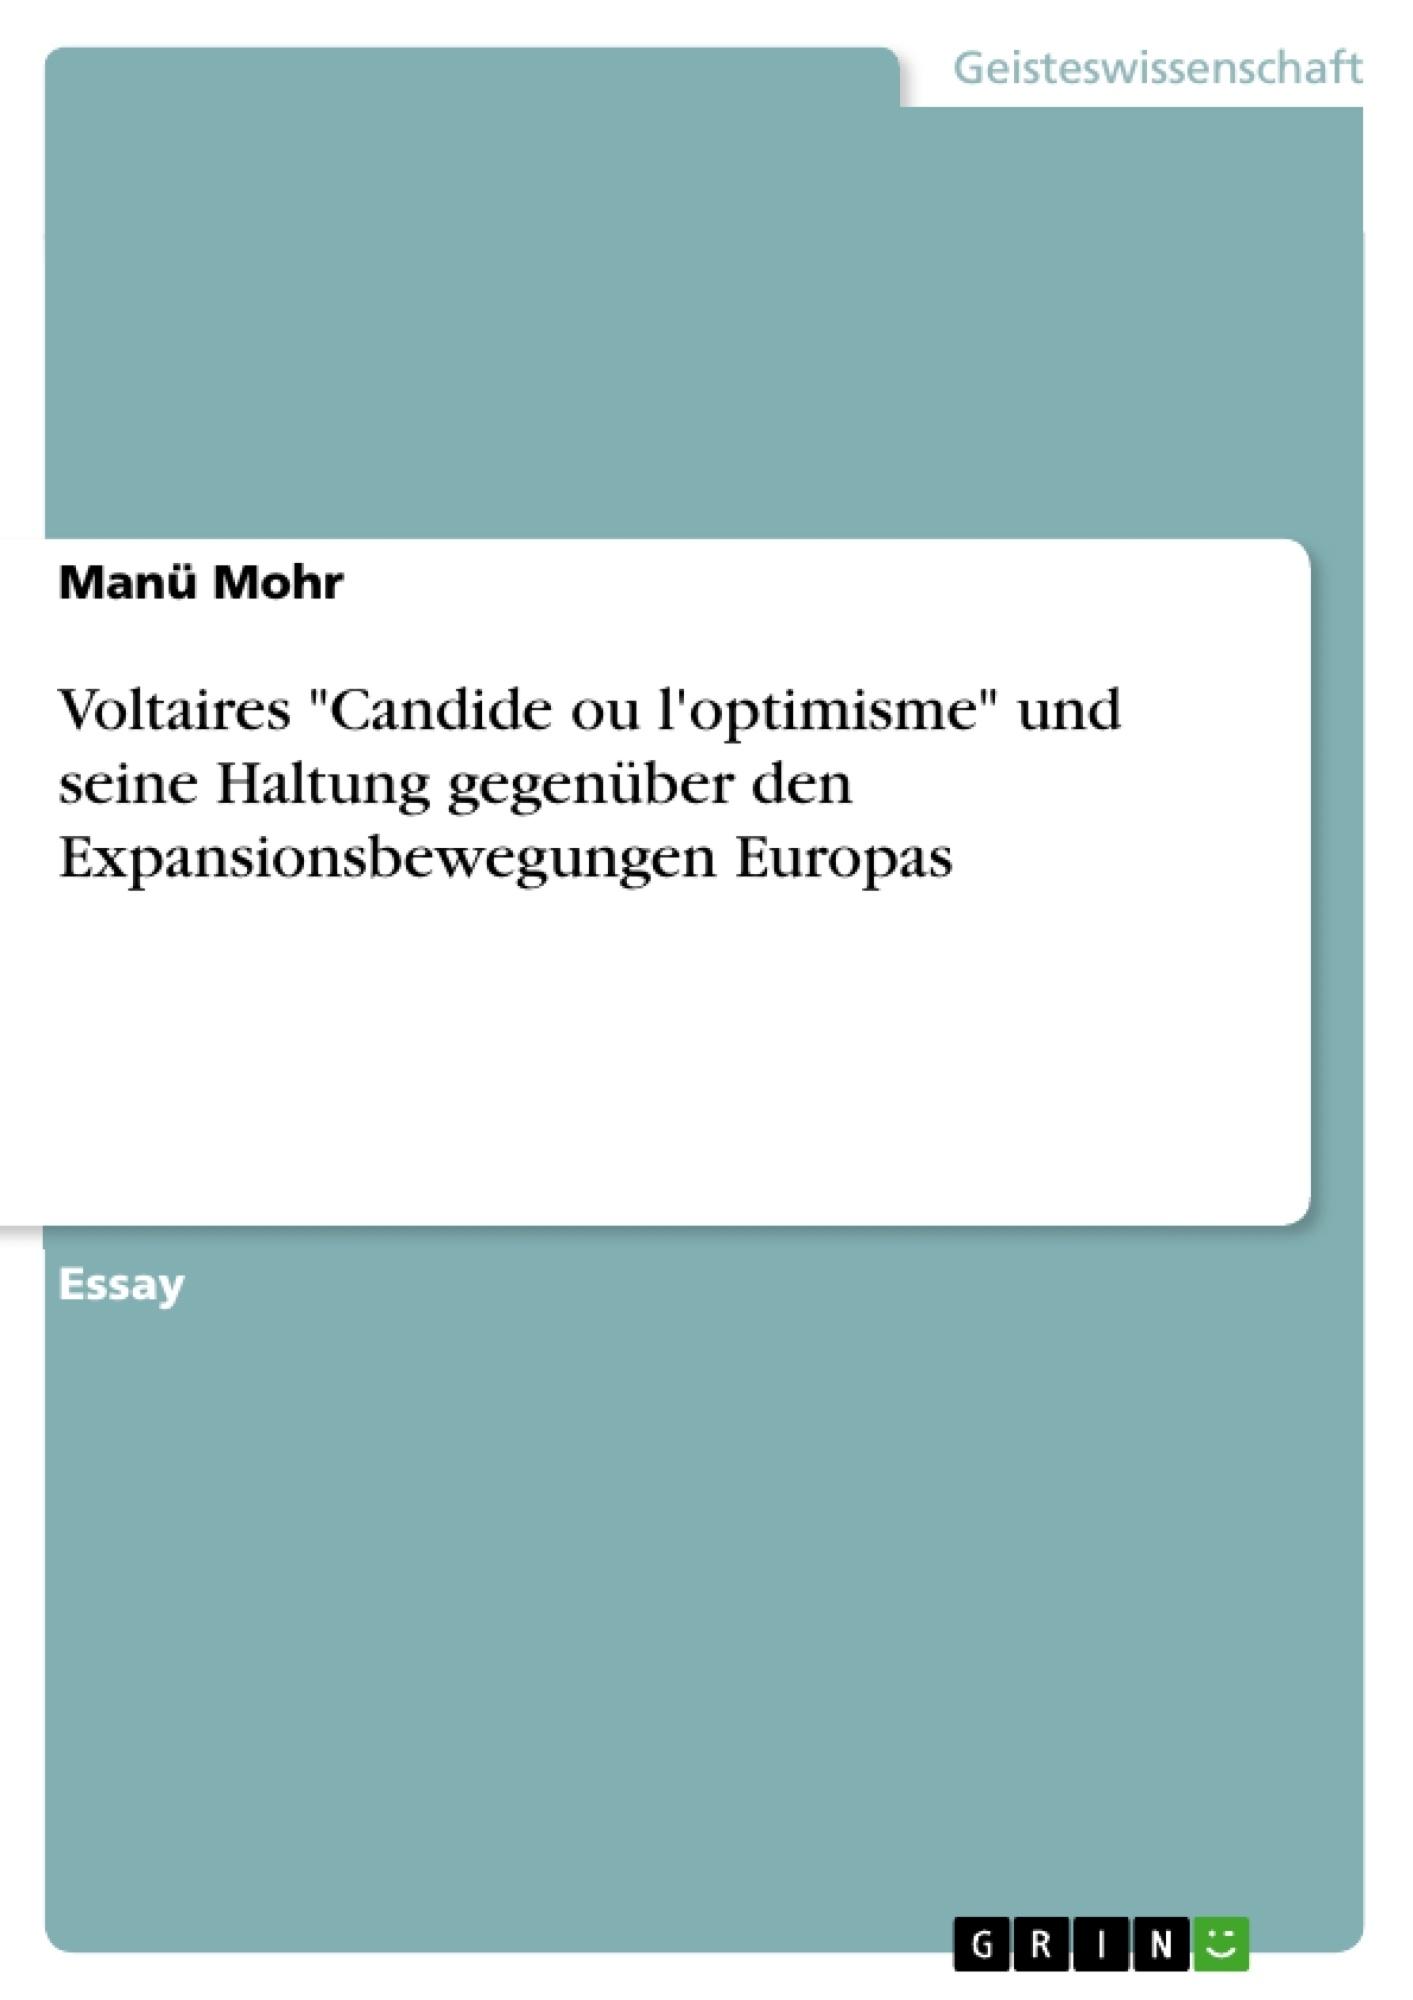 """Titel: Voltaires """"Candide ou l'optimisme"""" und seine Haltung gegenüber den Expansionsbewegungen Europas"""